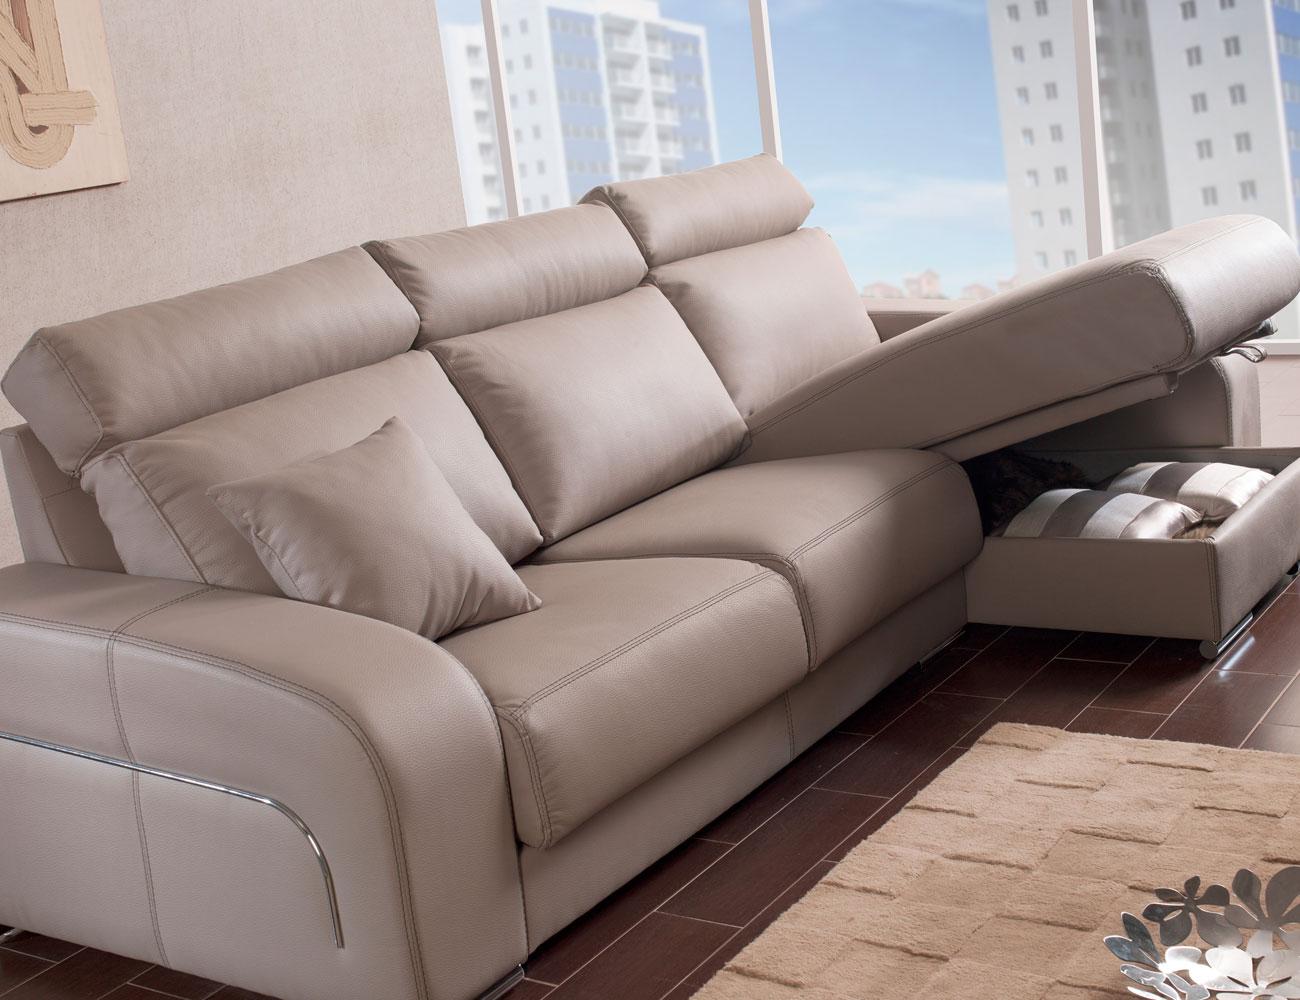 Sofa chaiselongue moderno pared cero arcon85